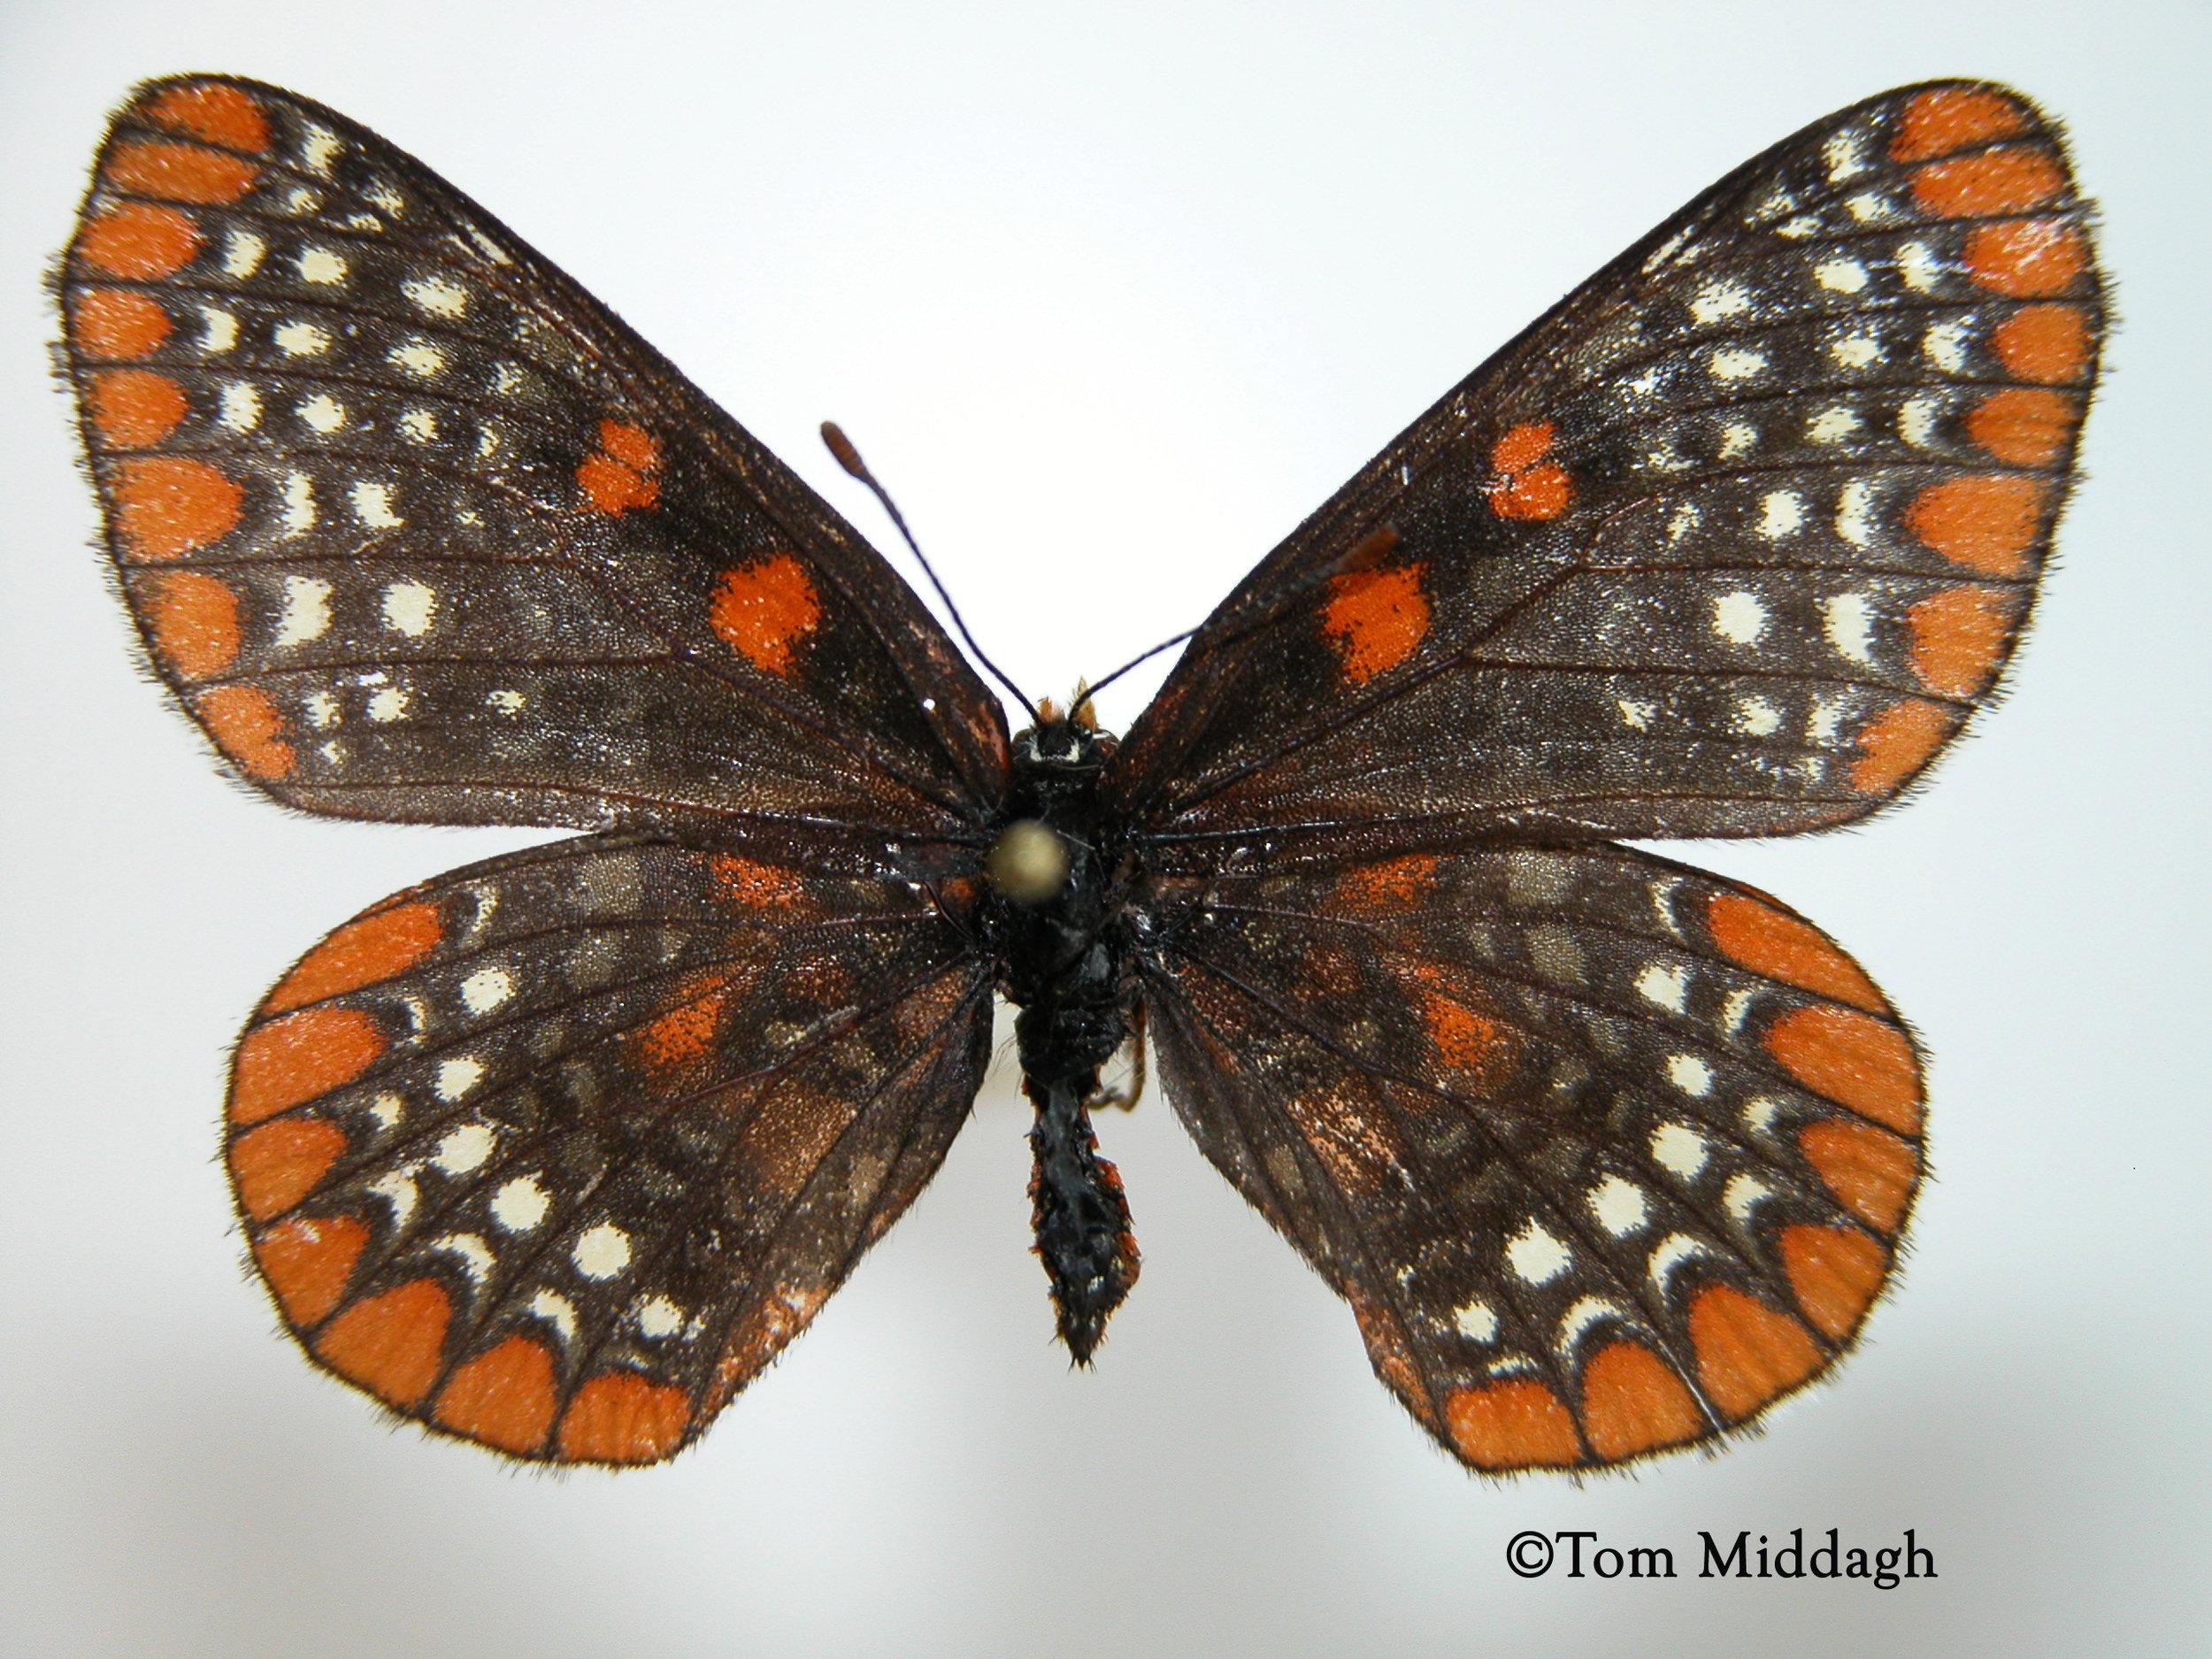 Biodiversity Documentation